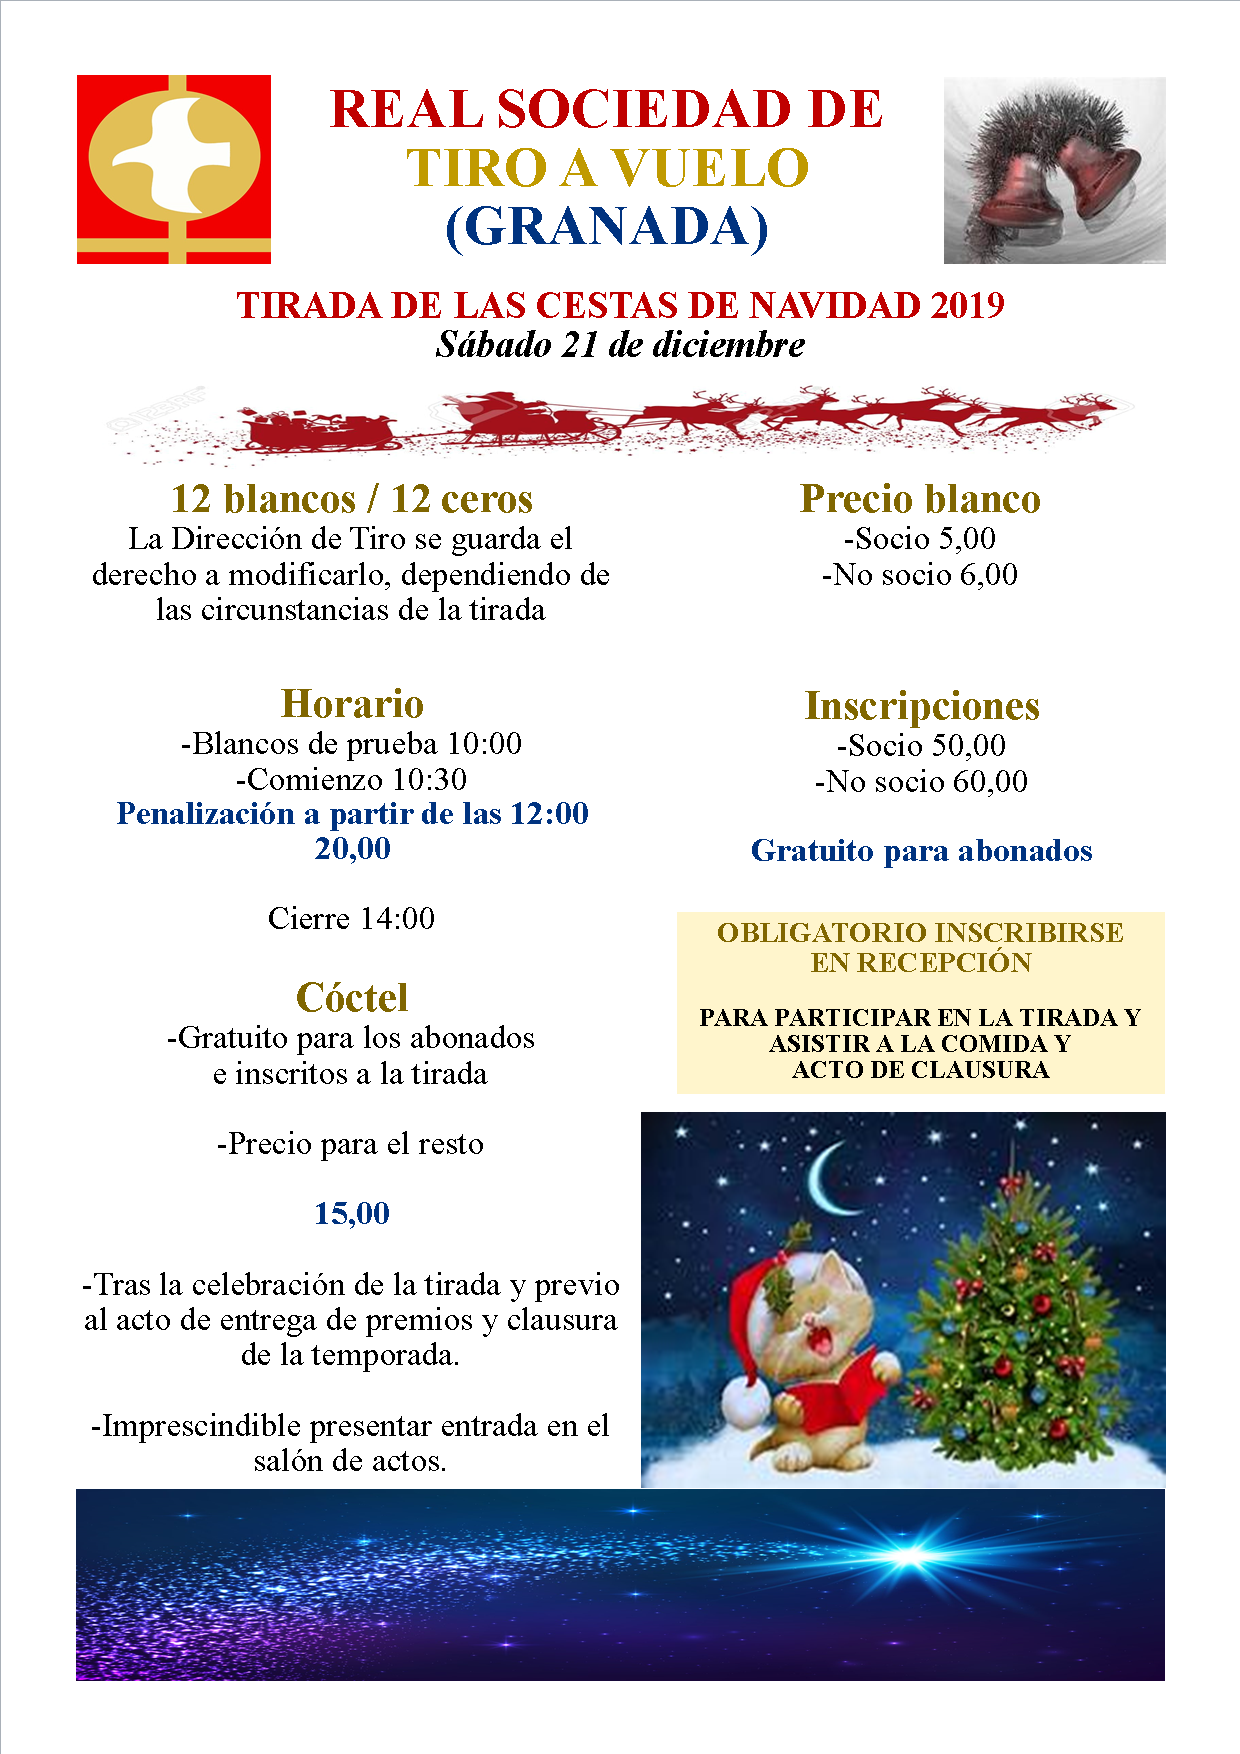 TIRADA DE LAS CESTAS DE NAVIDAD 2019